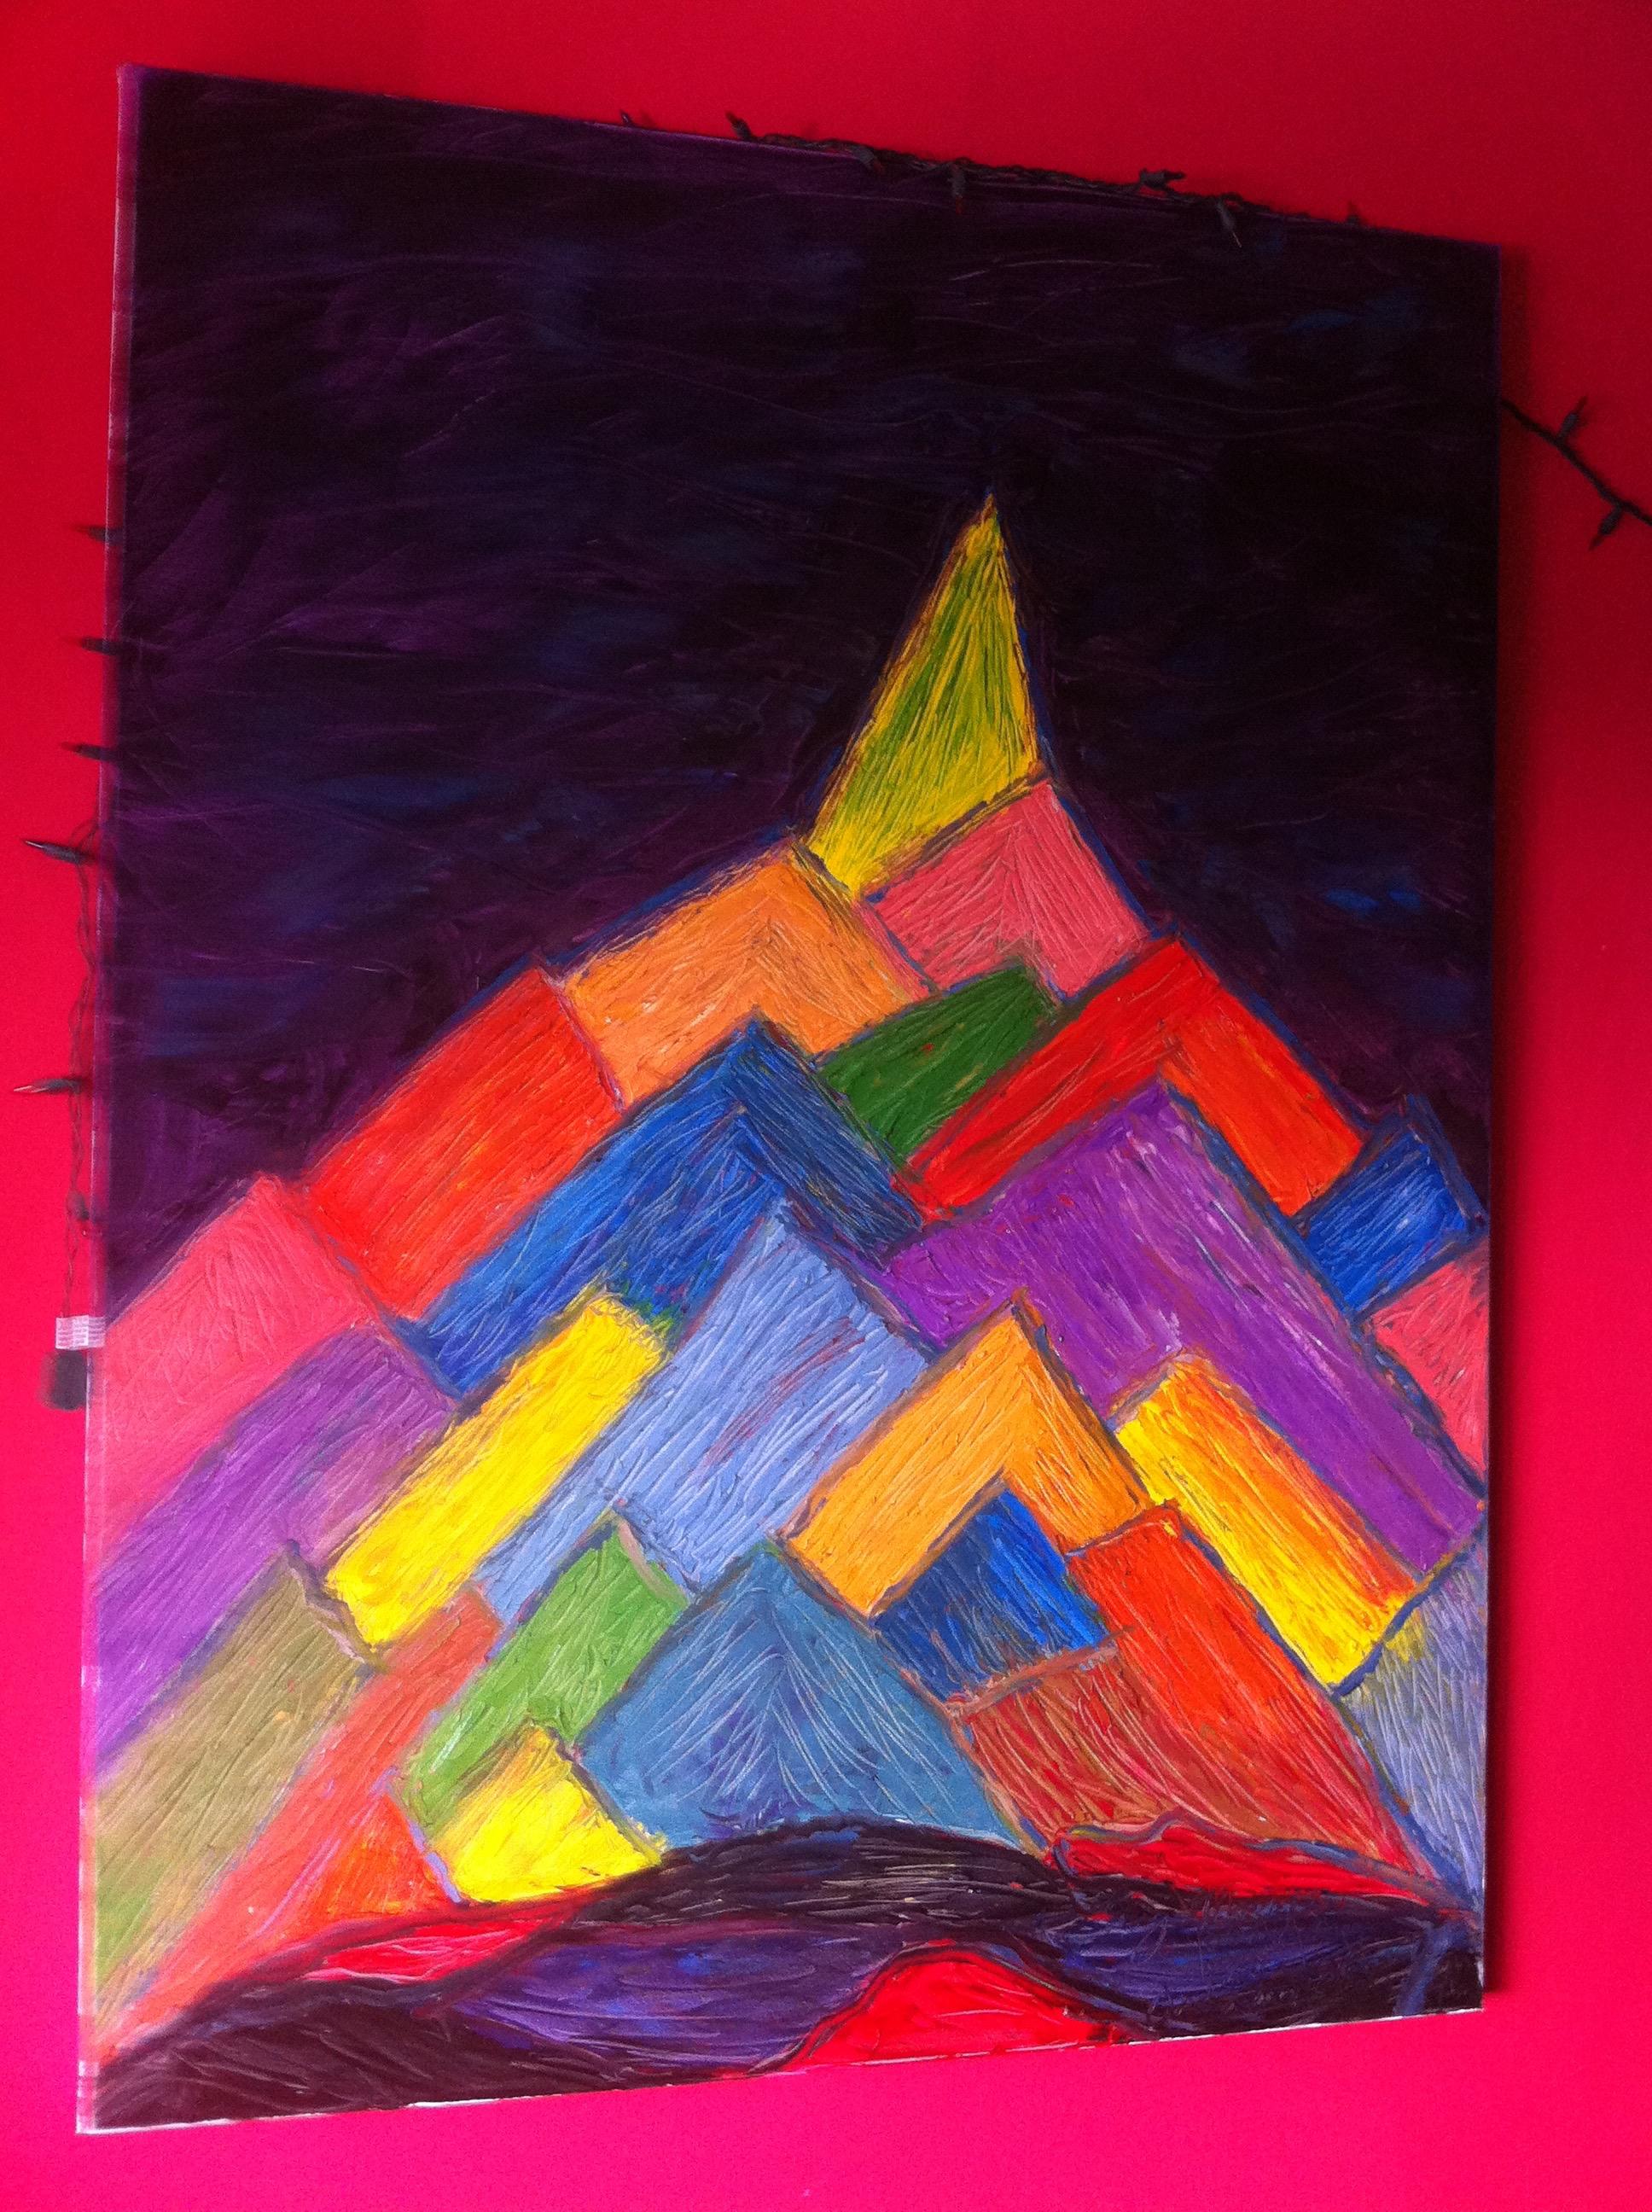 Transamerica-Pyramid-En-Plein-Air.jpg